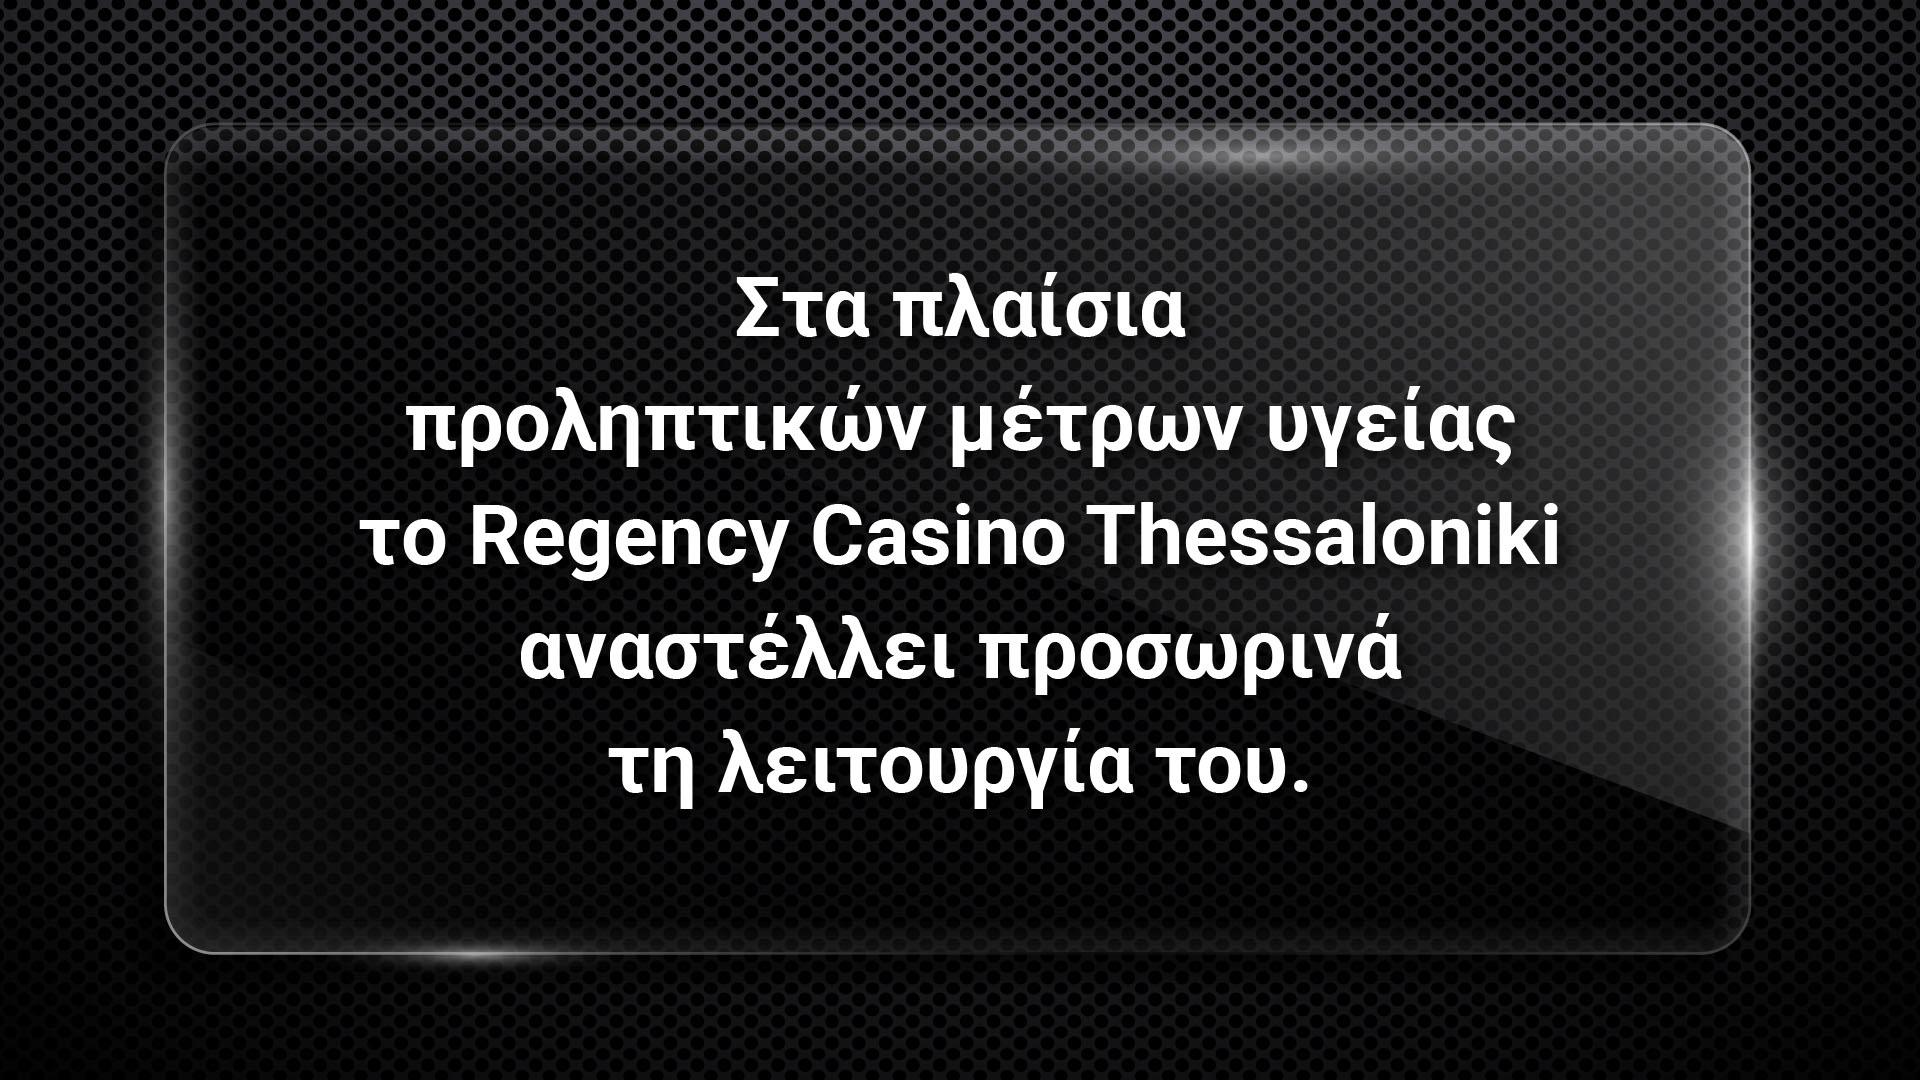 Regency_Casino_Corona_Slideshow_001-01